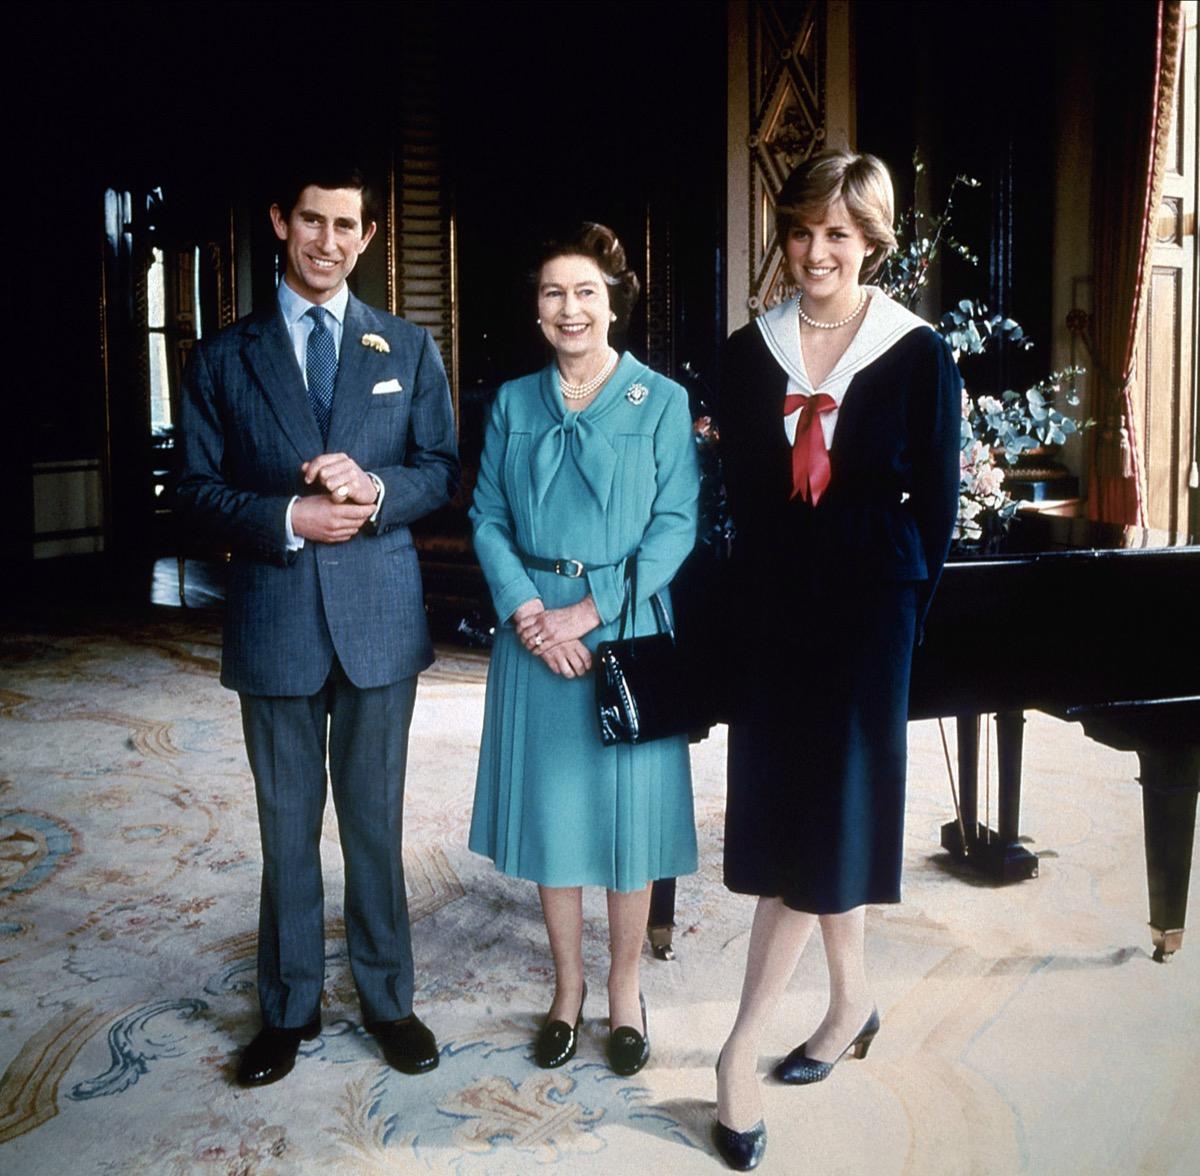 Prince Charles, Queen Elizabeth, Princess Diana